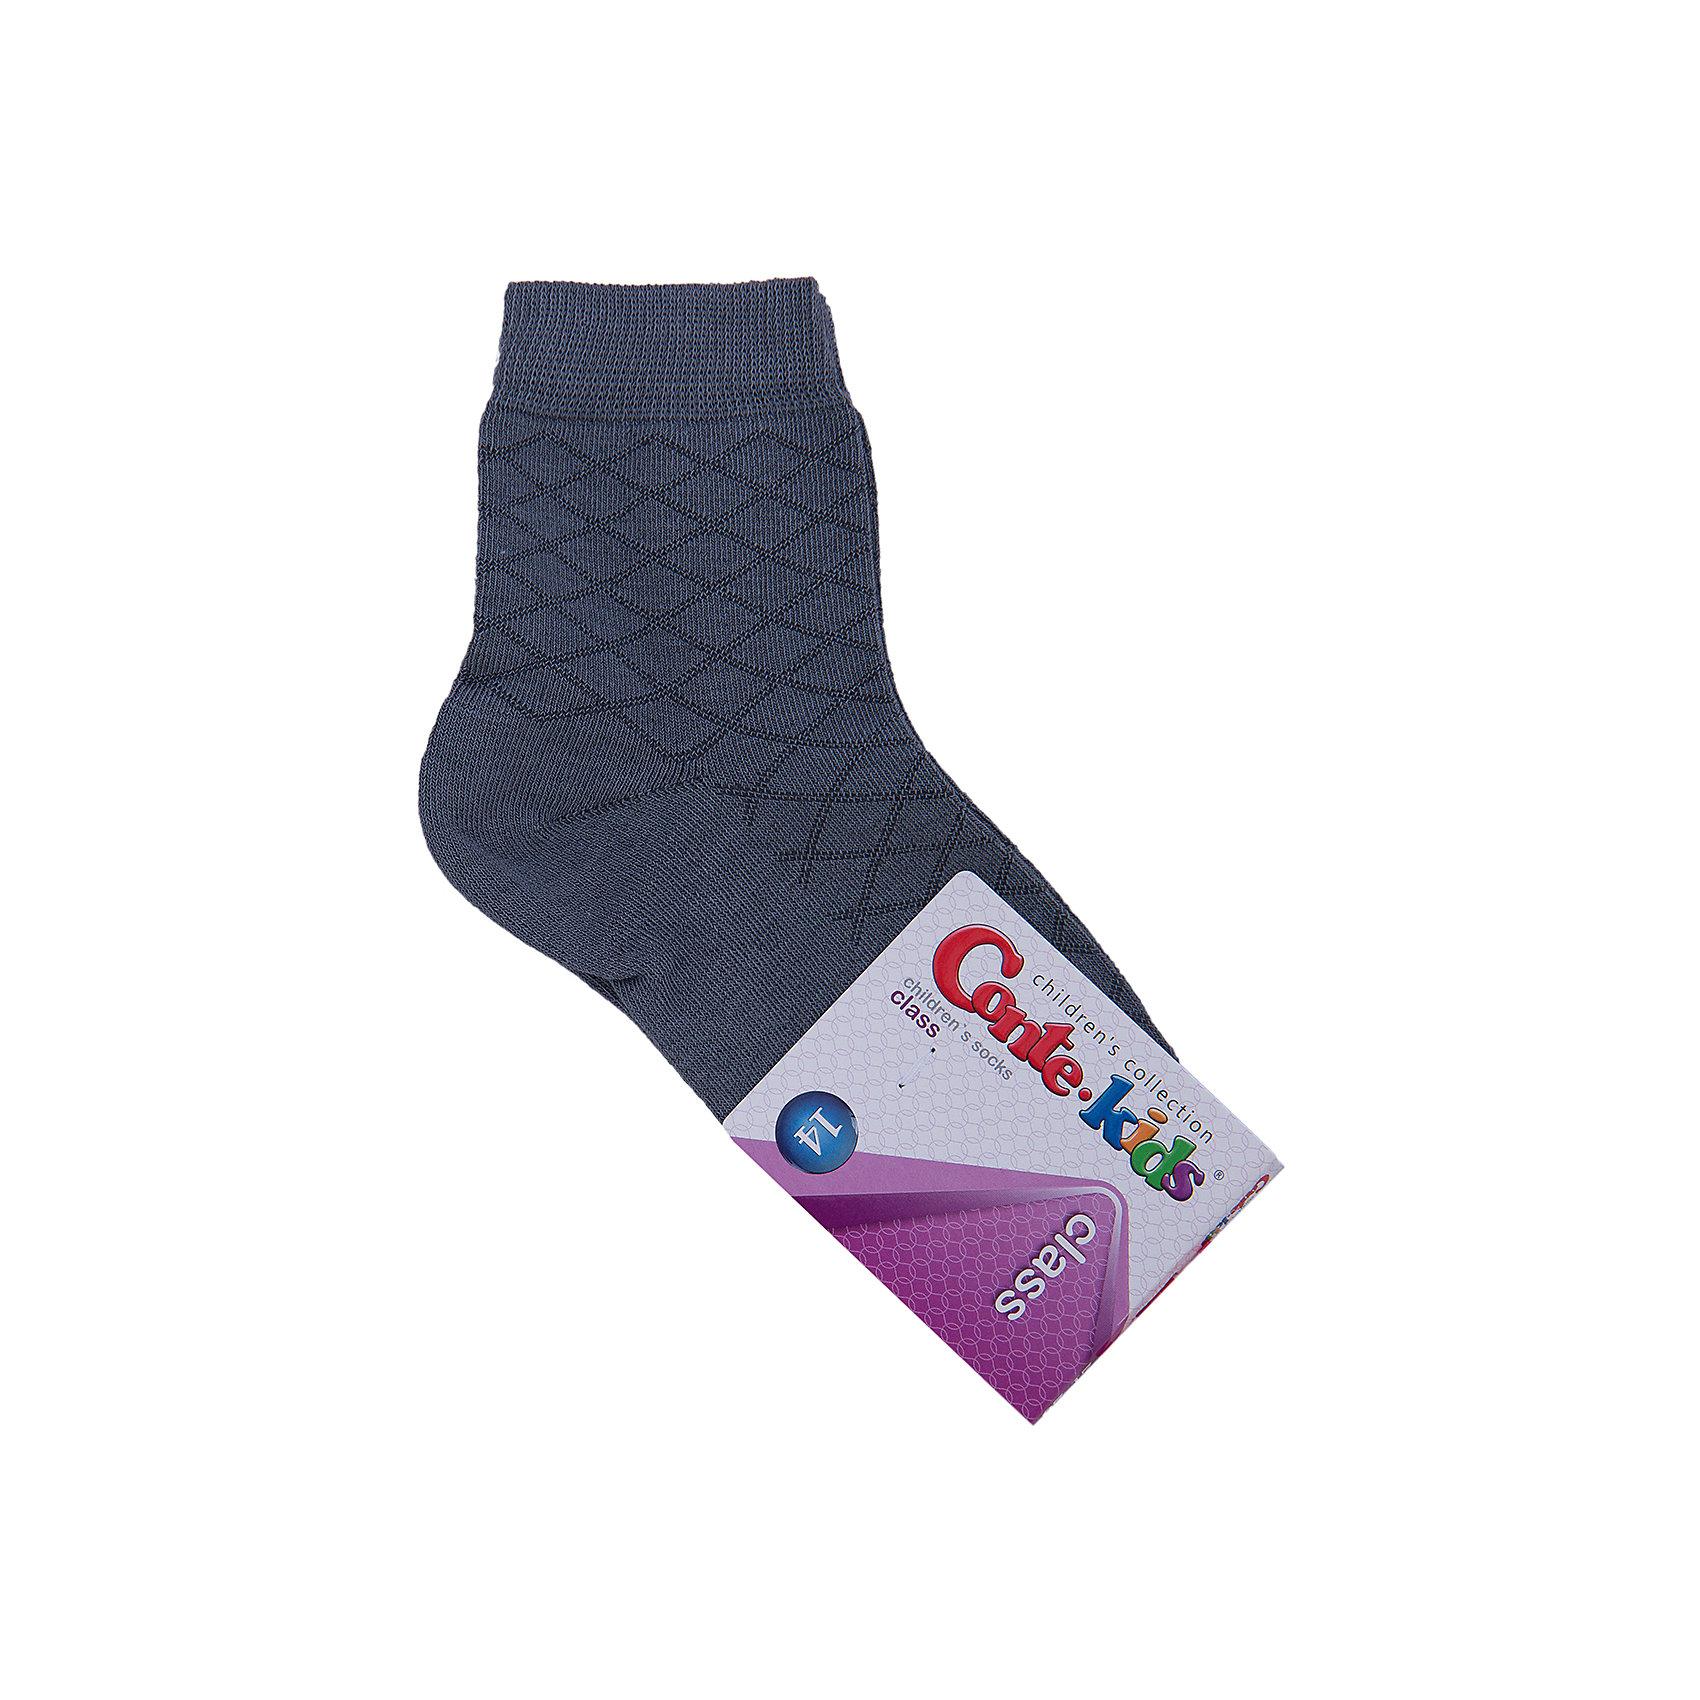 Носки  Conte-kidsДетские носки известной марки Conte-kids.<br>- Мягкие,  эластичные,  удобные и практичные.<br>- От белорусского производителя. <br>- Для девочек и мальчиков. <br><br>Состав: 50% - хлопок, 47,2% - полиамид, 2,8% - эластан.<br><br>Ширина мм: 87<br>Глубина мм: 10<br>Высота мм: 105<br>Вес г: 115<br>Цвет: серый<br>Возраст от месяцев: 36<br>Возраст до месяцев: 48<br>Пол: Унисекс<br>Возраст: Детский<br>Размер: 14<br>SKU: 4823964